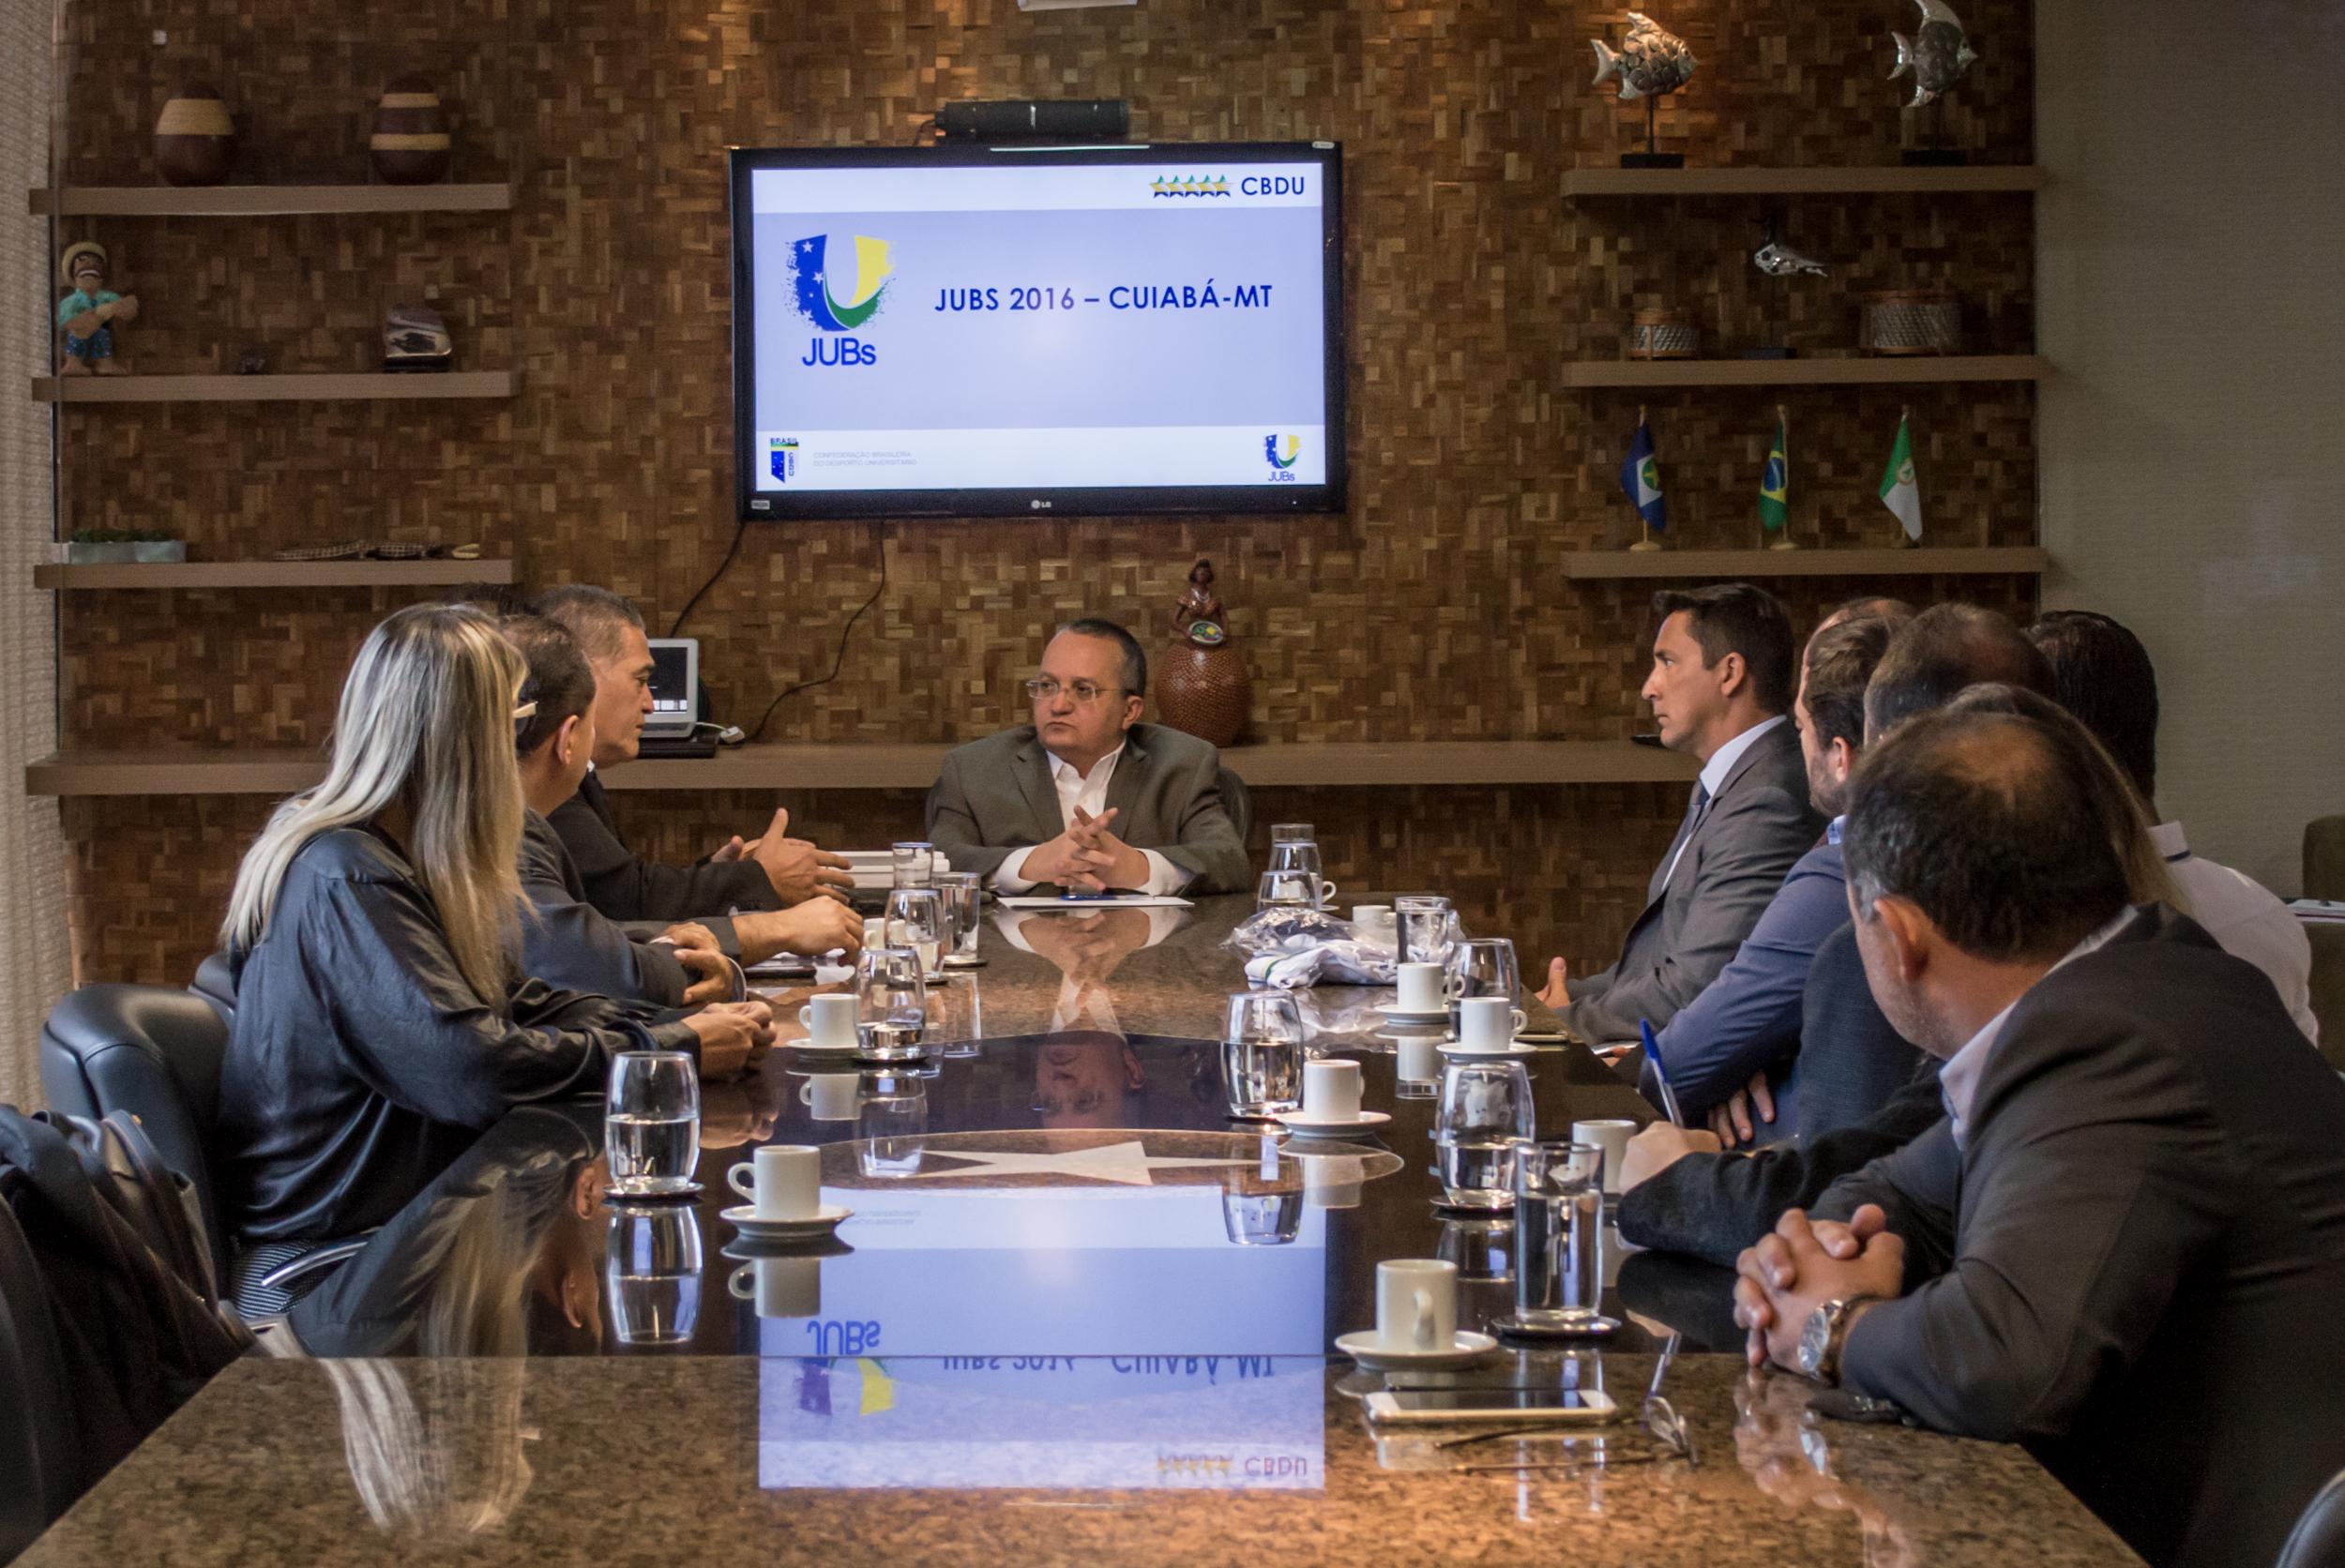 Jogos Universitários reunirão 4,5 mil atletas brasileiros em Cuiabá